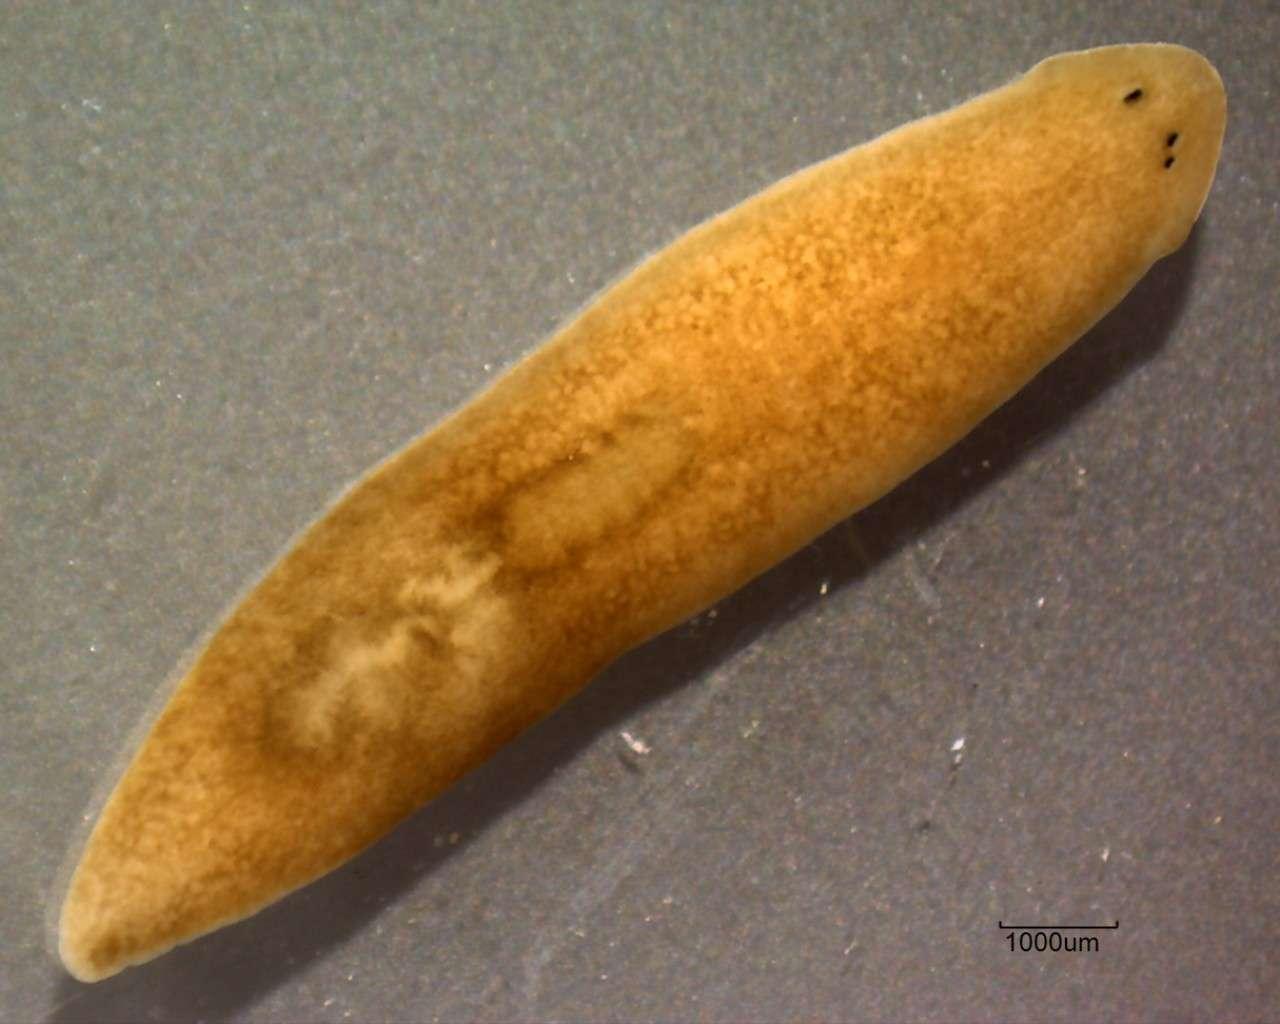 Les vers plats, comme ce Dugesia, sont capables de régénérer leurs tissus manquants grâce à leurs cellules musculaires, qui coordonnent la différenciation de cellules souches appelées cNeoblasts. © Eduard Solà, Wikimedia Commons, cc by sa 3.0